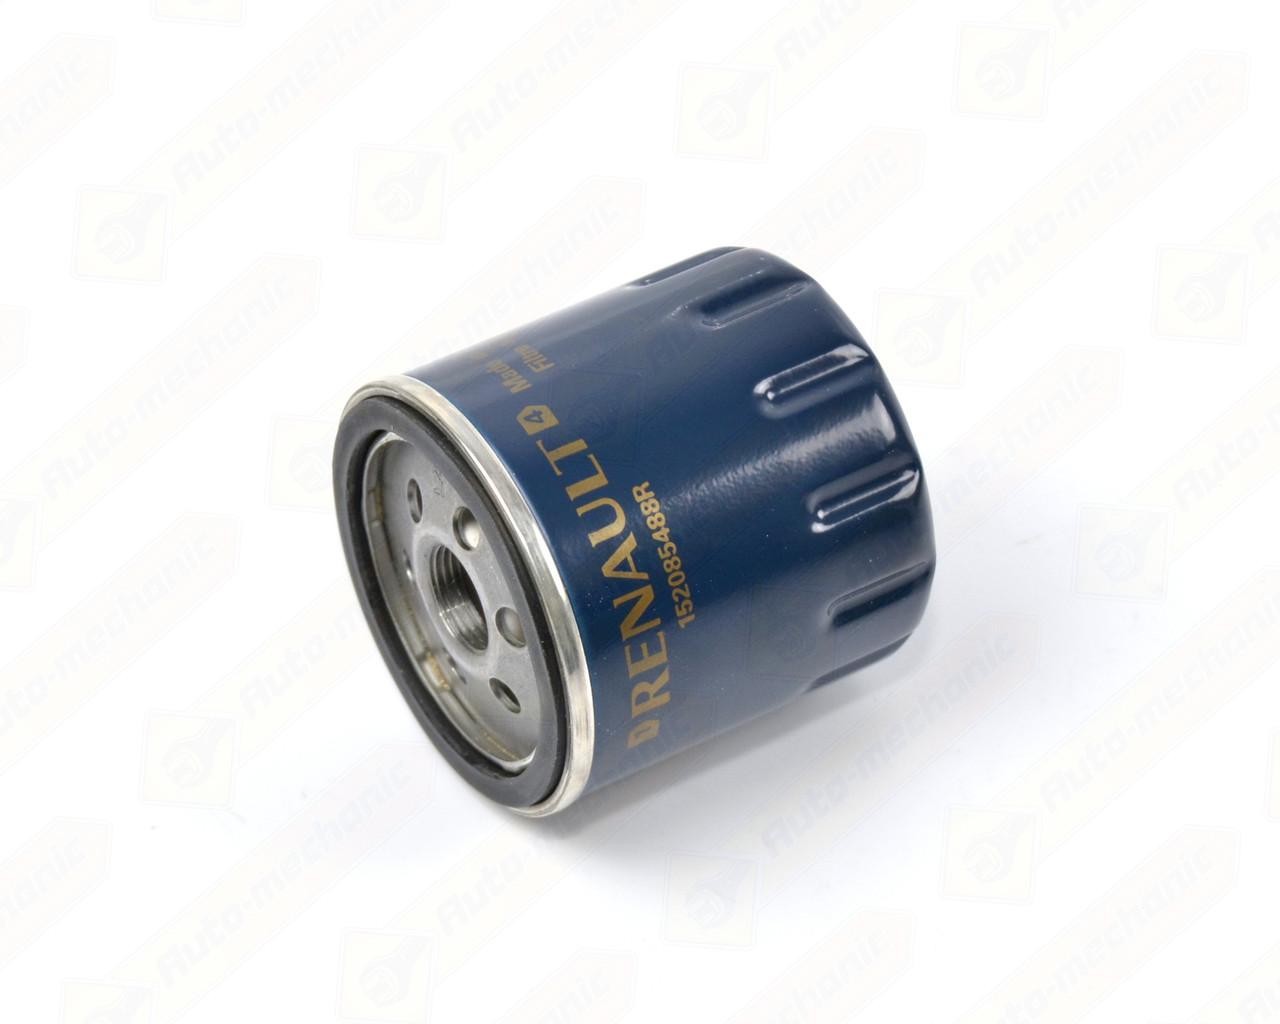 Фильтр масла на Renault Fluence - Renault (Оригинал) - 152085488R